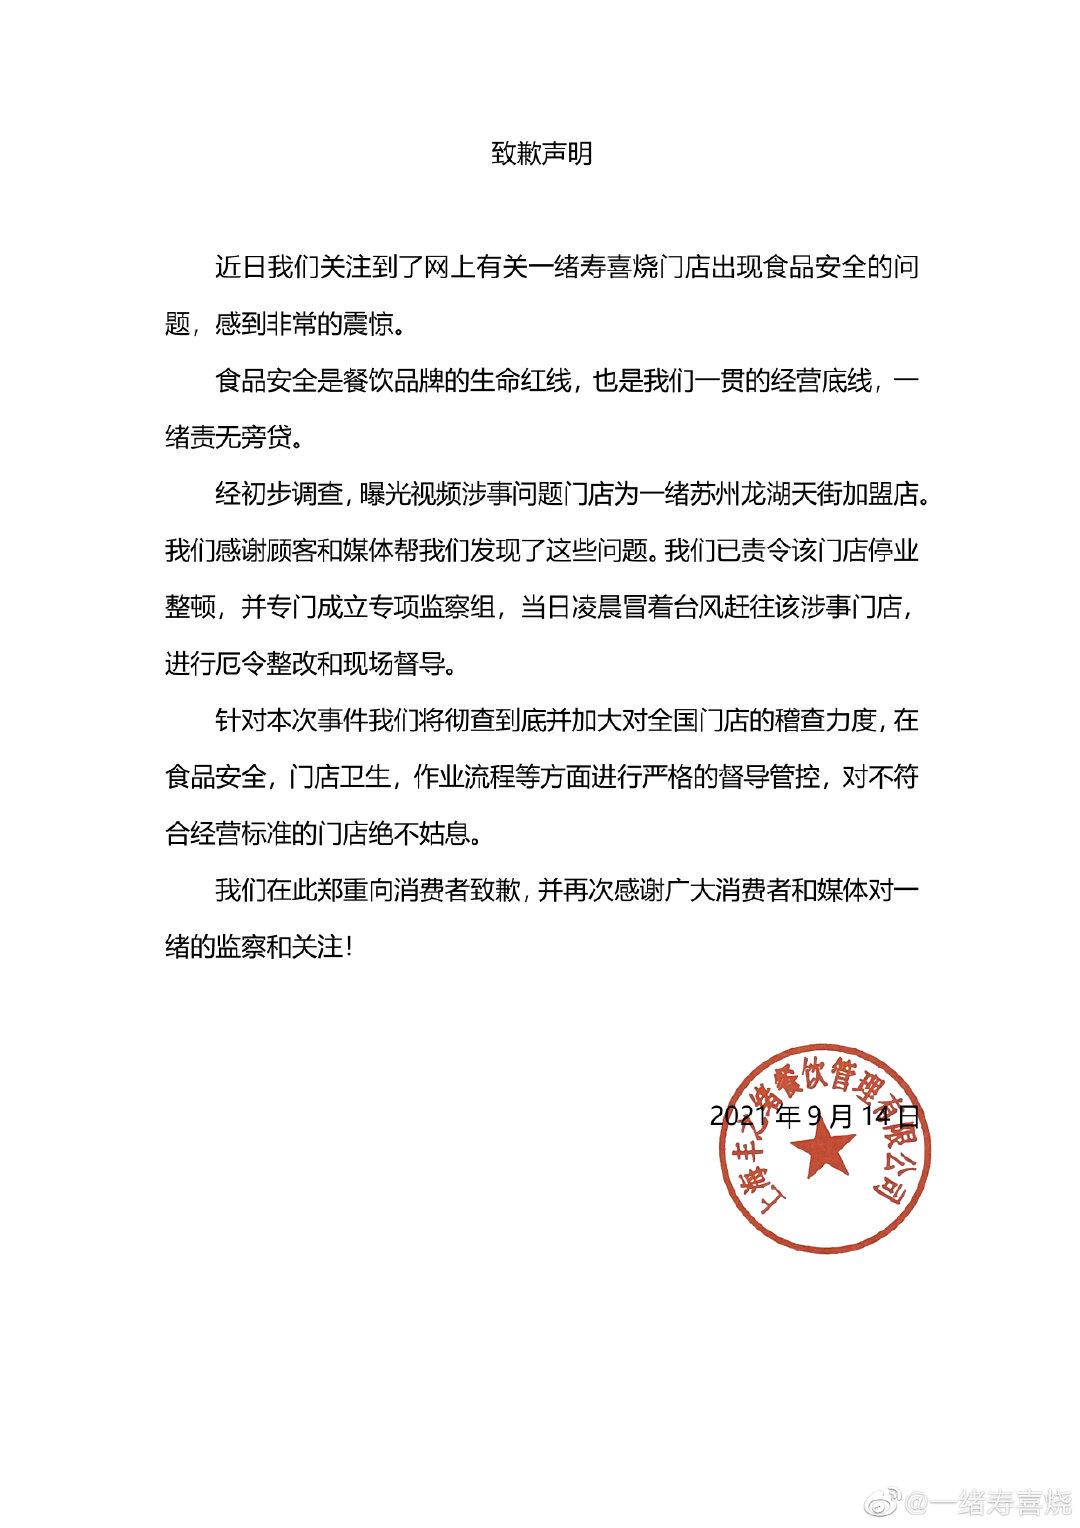 上海网红日料一绪寿喜烧致歉 涉事门店停业整顿